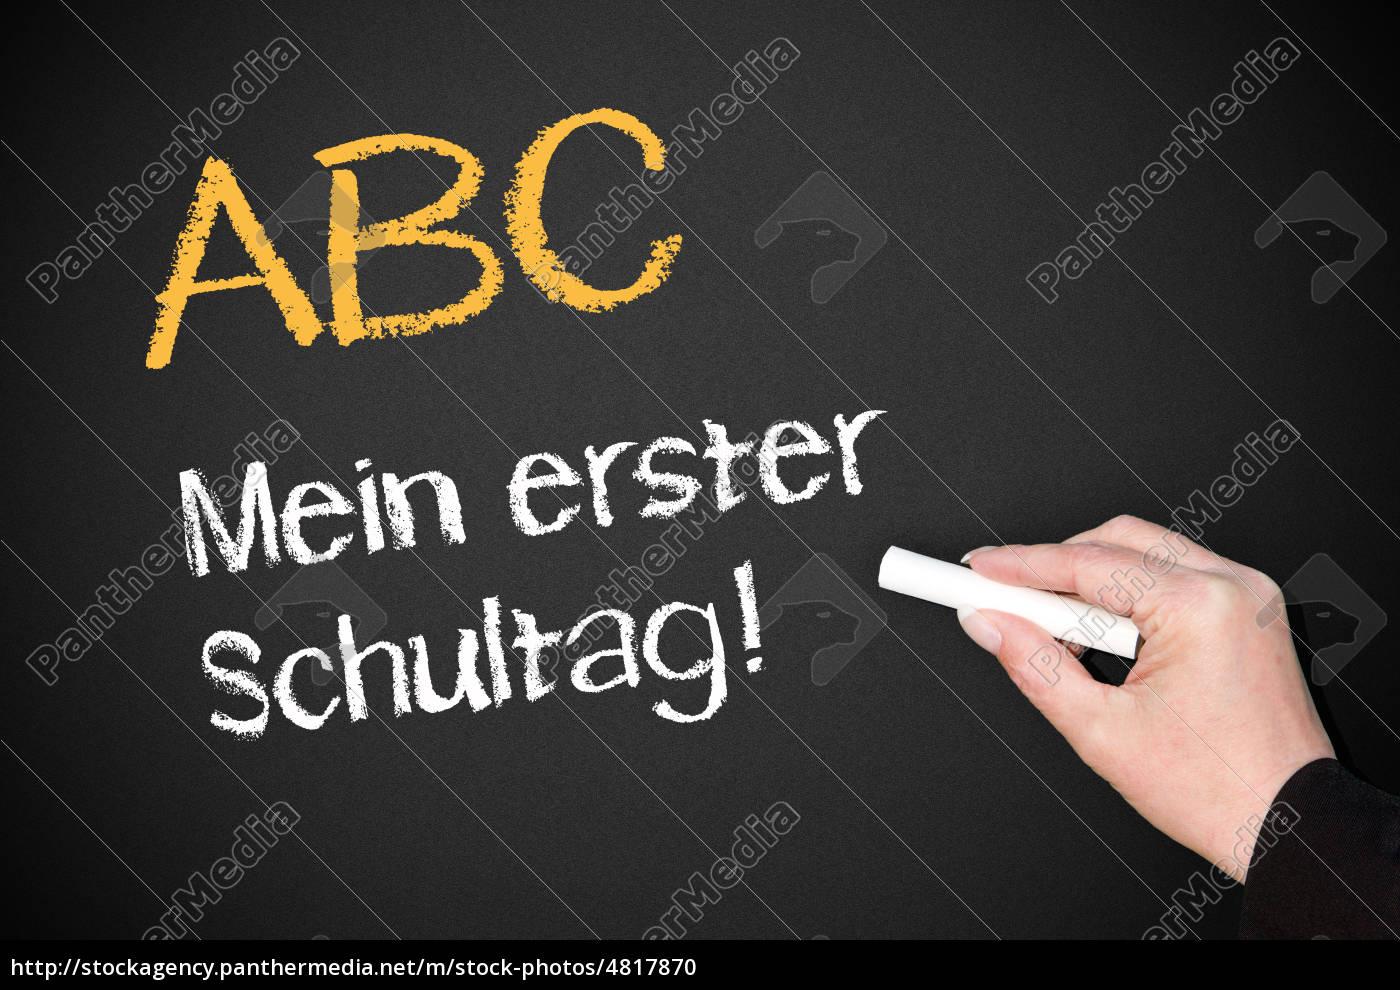 ABC - mein erster Schultag ! - Stock Photo - #4817870 - Bildagentur ...